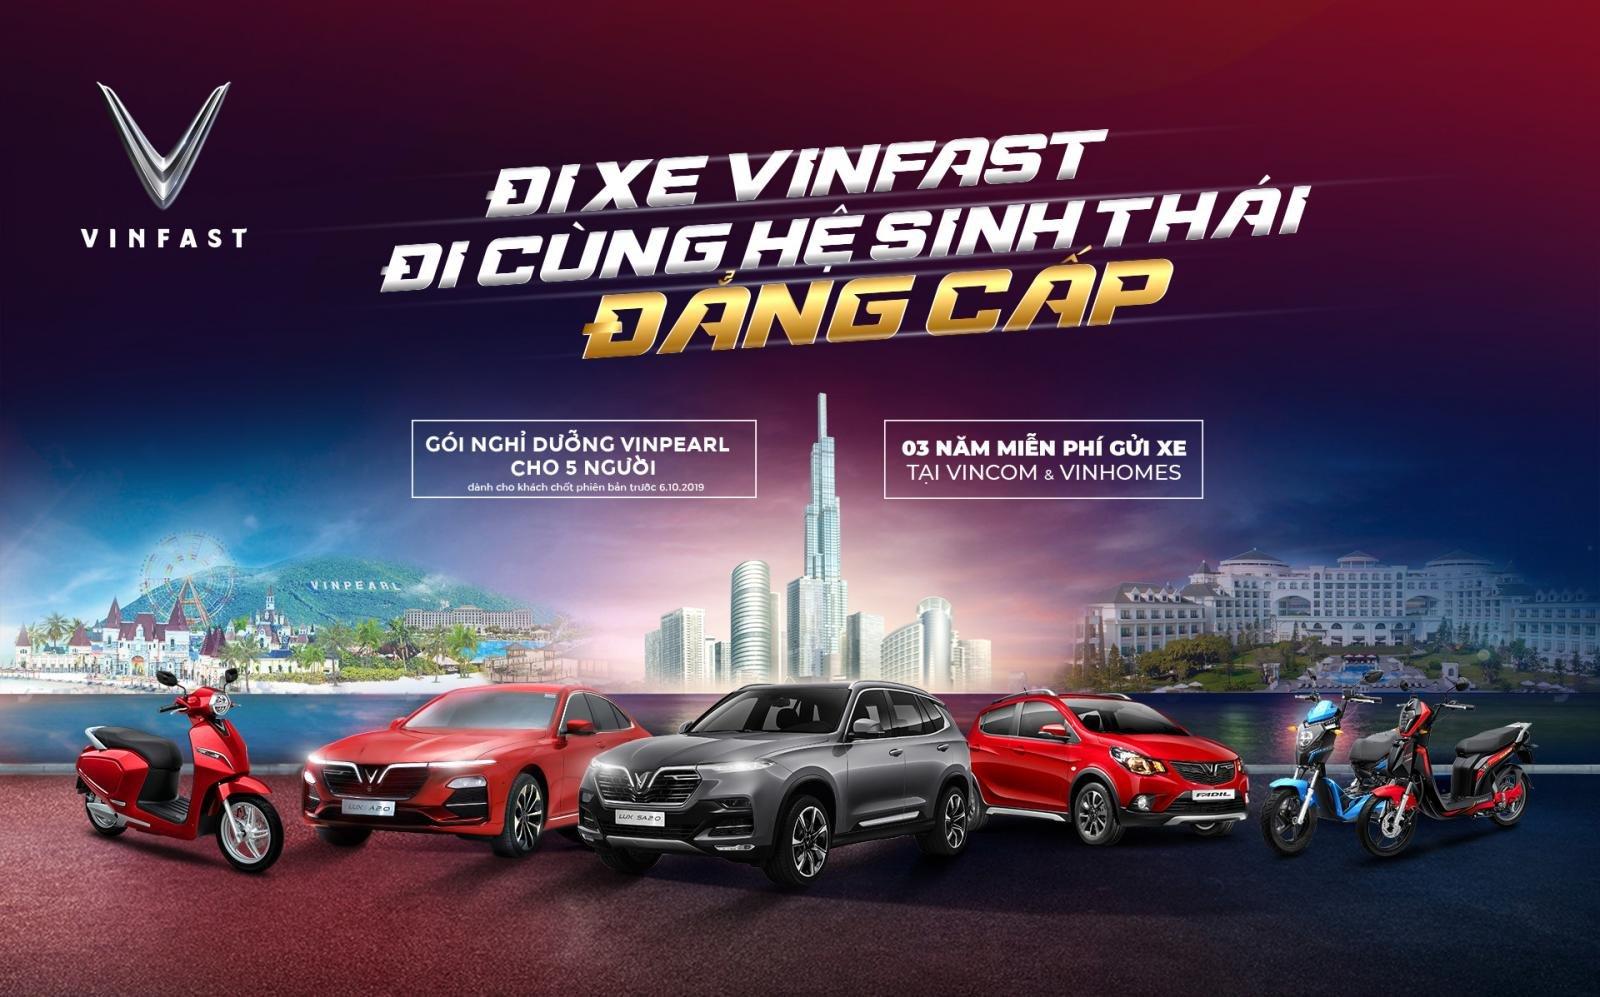 VinFast tri ân đặc biệt cho khách hàng đã và sắp mua xe Lux và Fadil a1